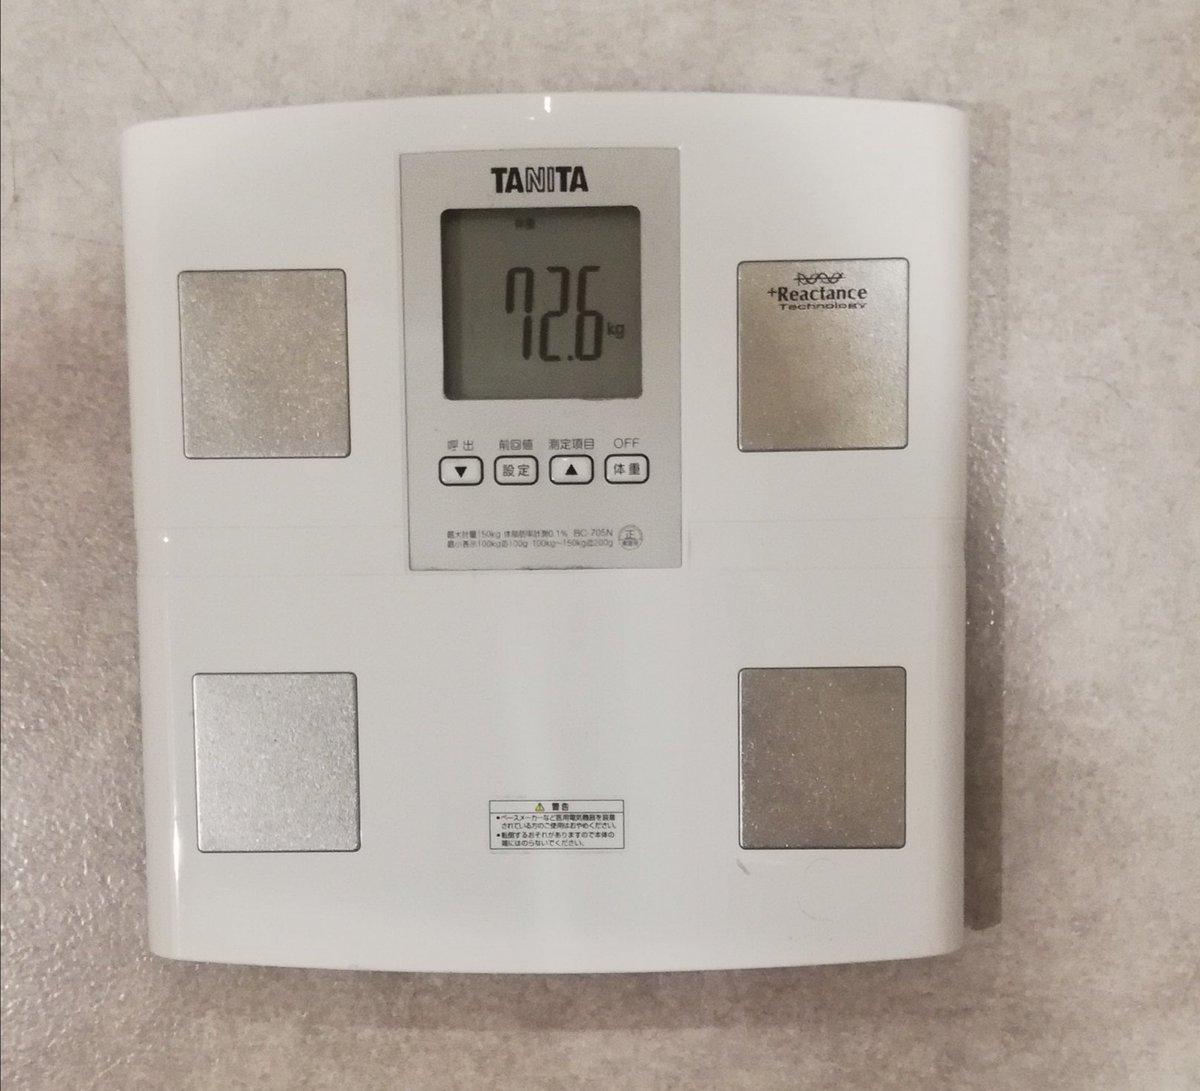 おはようございます!朝の体重測定:72.6㎏(前日-0.8キロ)減...金曜夜からの謎の体調不良で2日間寝てました😱今はダイエットより体調優先!とはいえ、食べまくっても治った実績がないので粗食でかつアミノ酸系サプリとビタミン系をしっかりとる!!2日寝た後に仕事行くの怖いですW